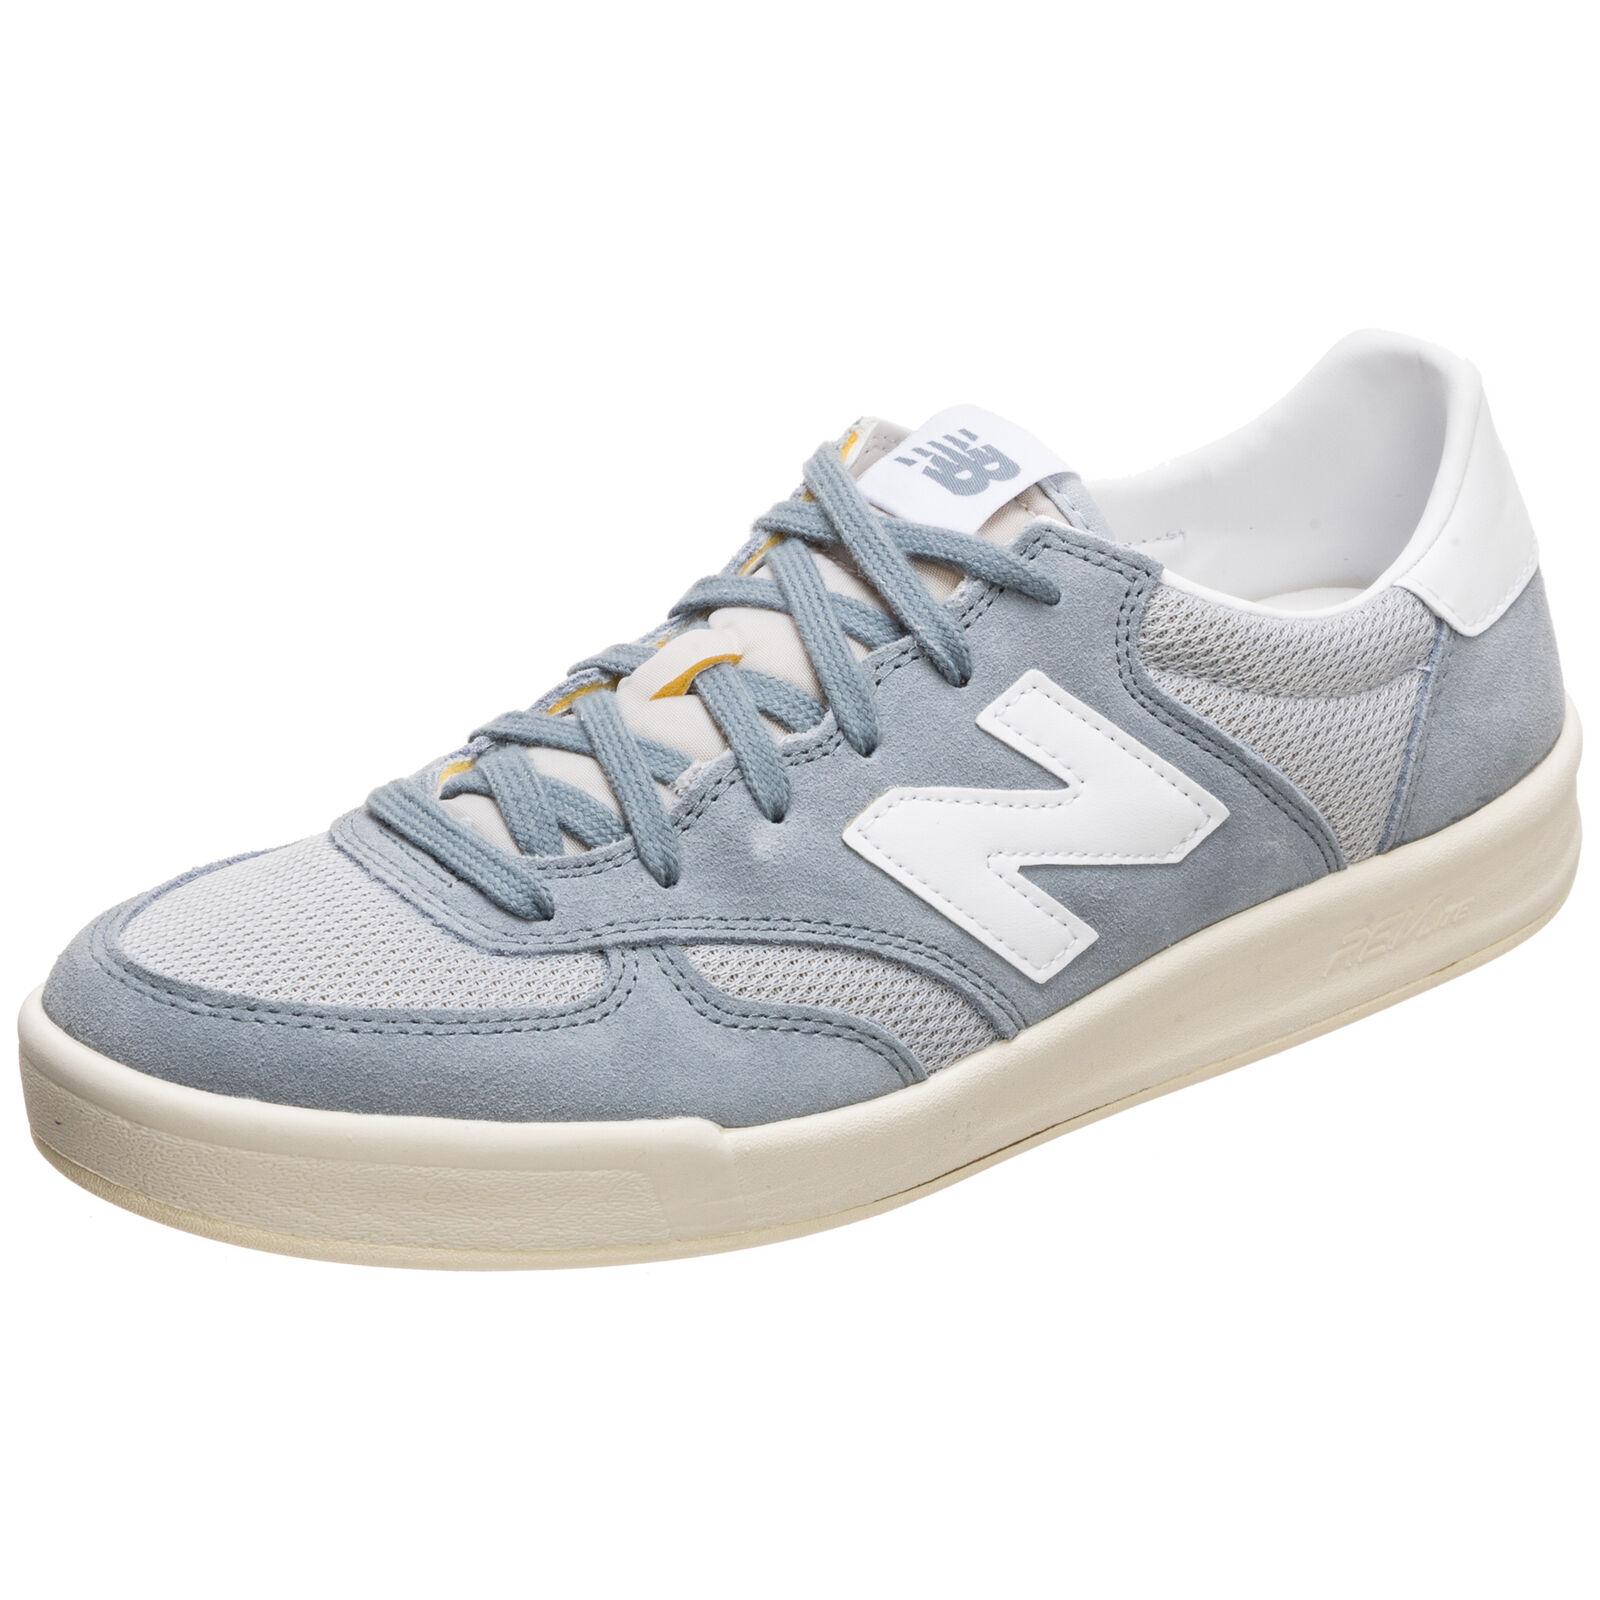 New Balance CRT300-PF-D Turnschuhe Blau NEU Schuhe Turnschuhe